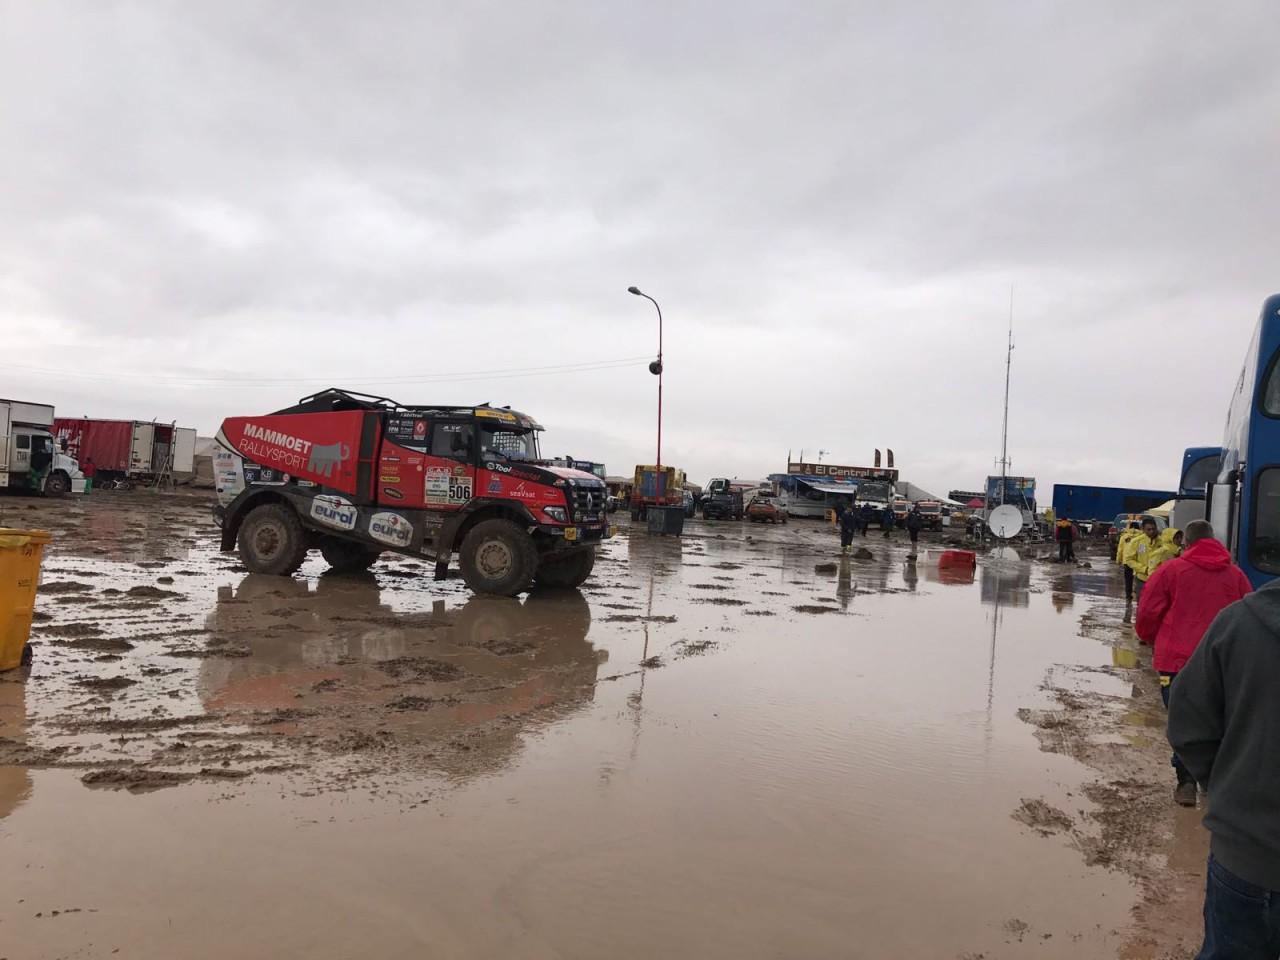 Mammoet rallysport: hevige regenval in Bolivia; zesde etappe afgelast